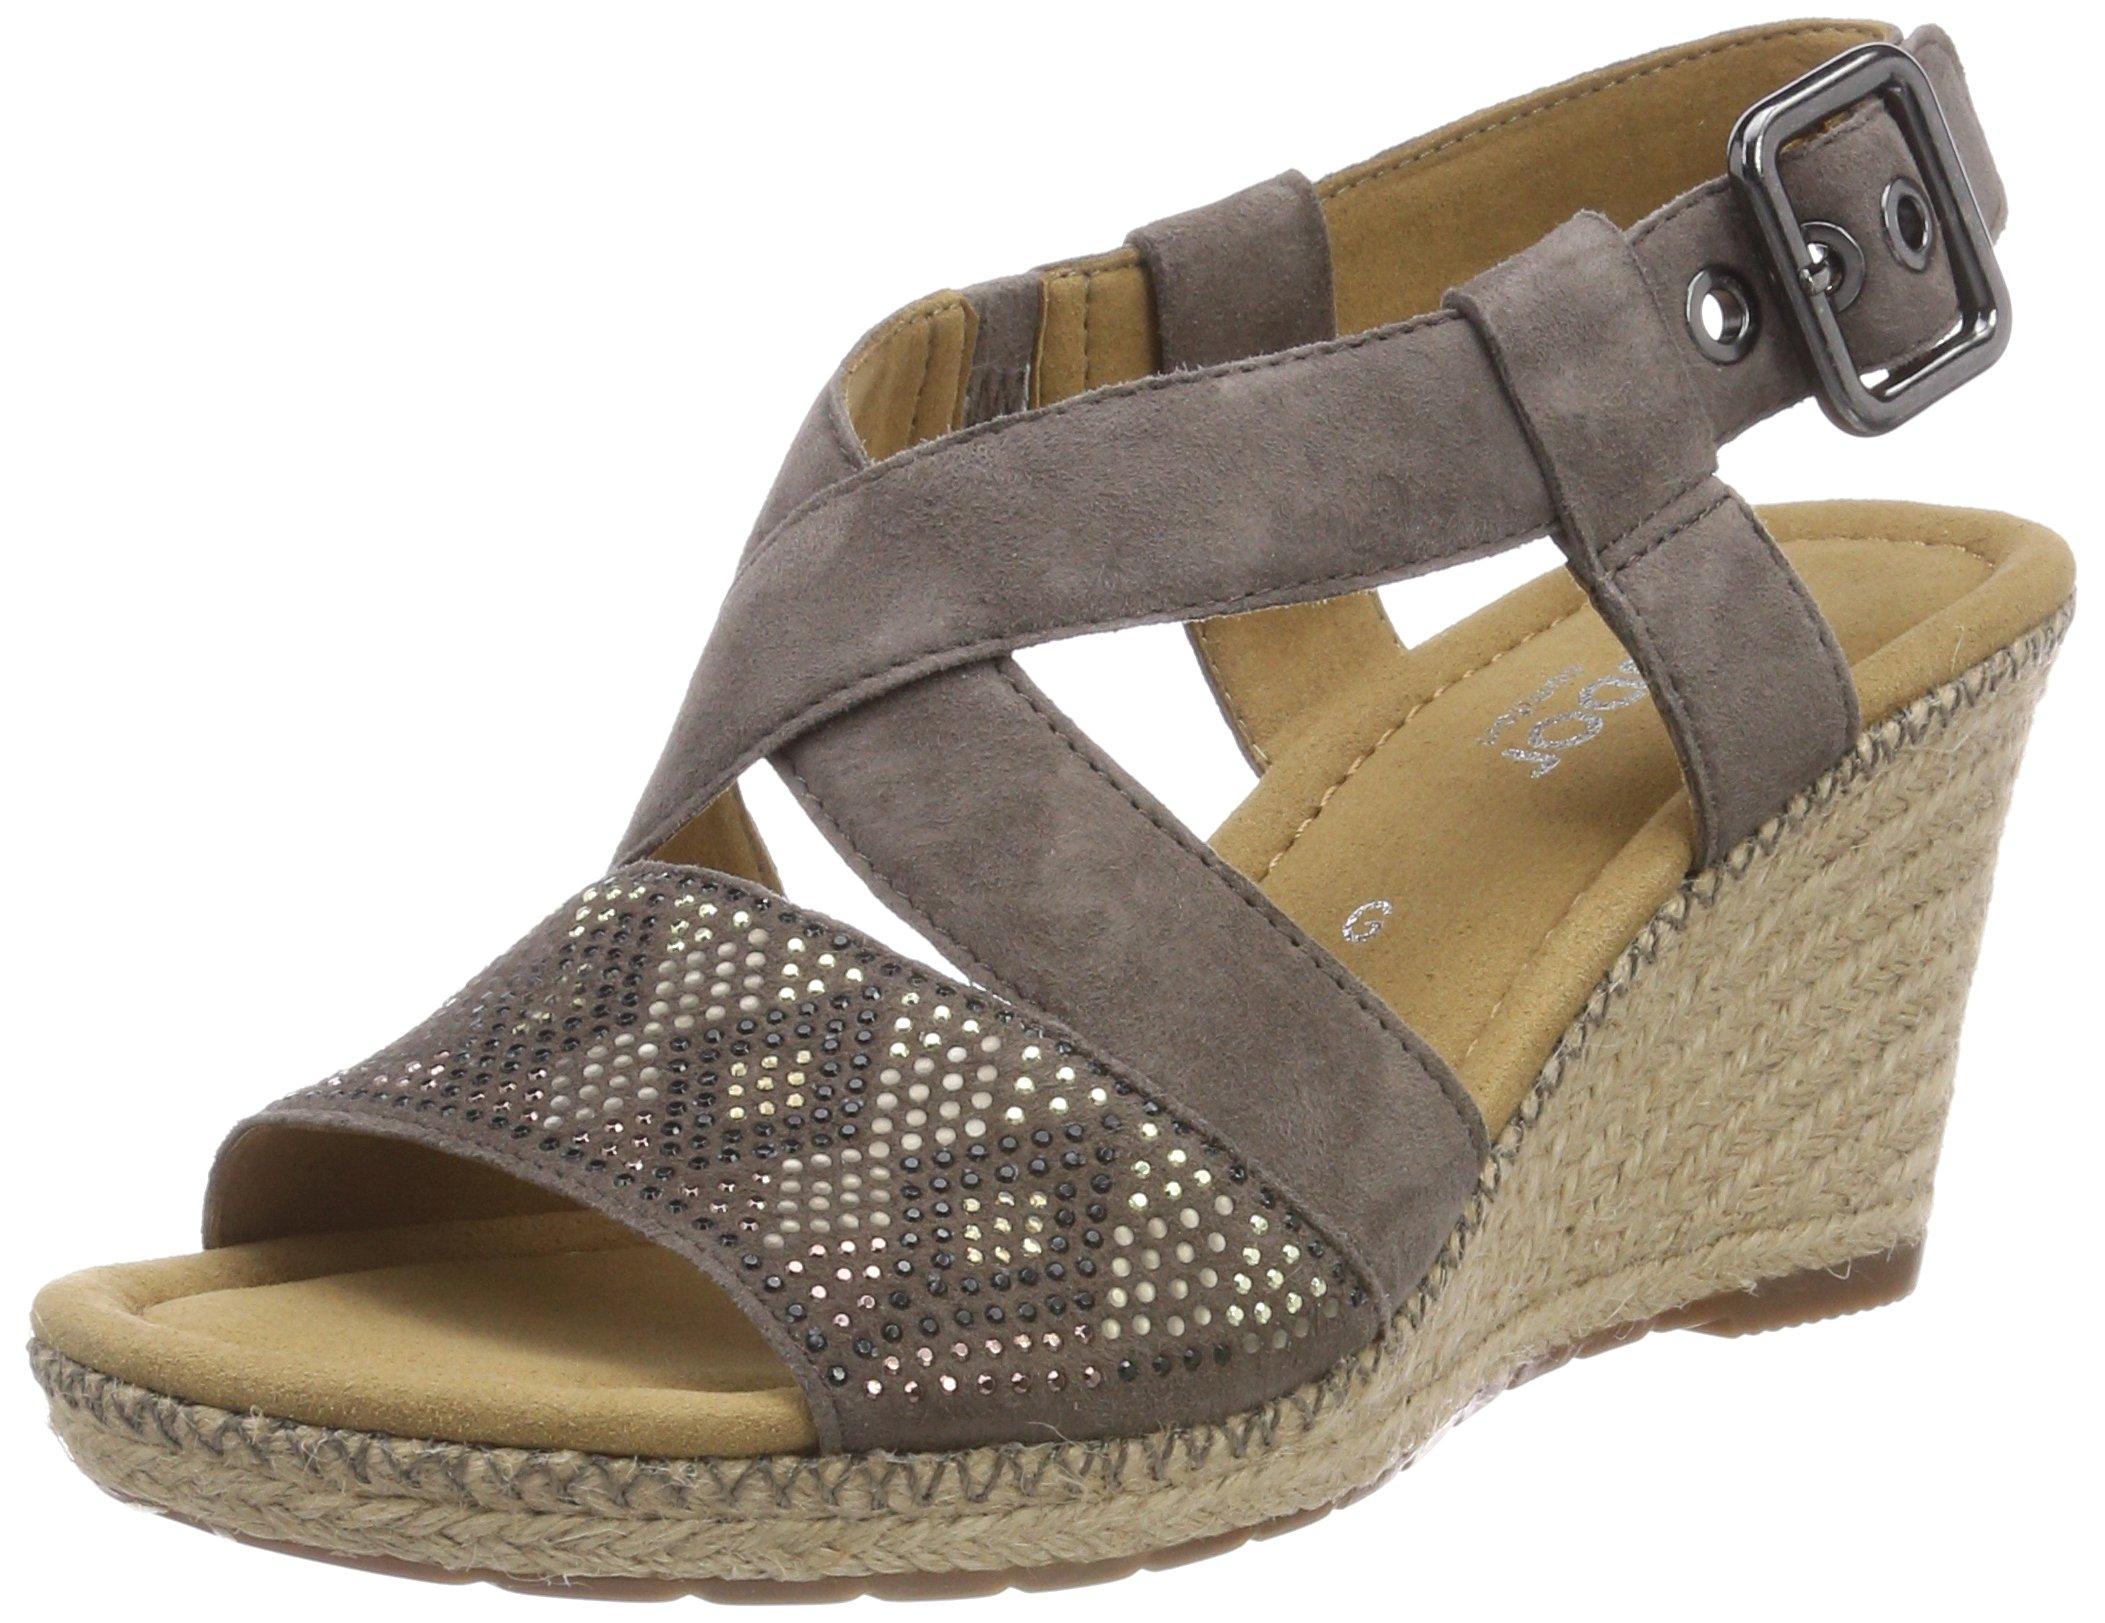 Eu Cheville Jute naht41 Gabor Shoes SportSandales Bride FemmeMarronfango Comfort zpGUMSVq